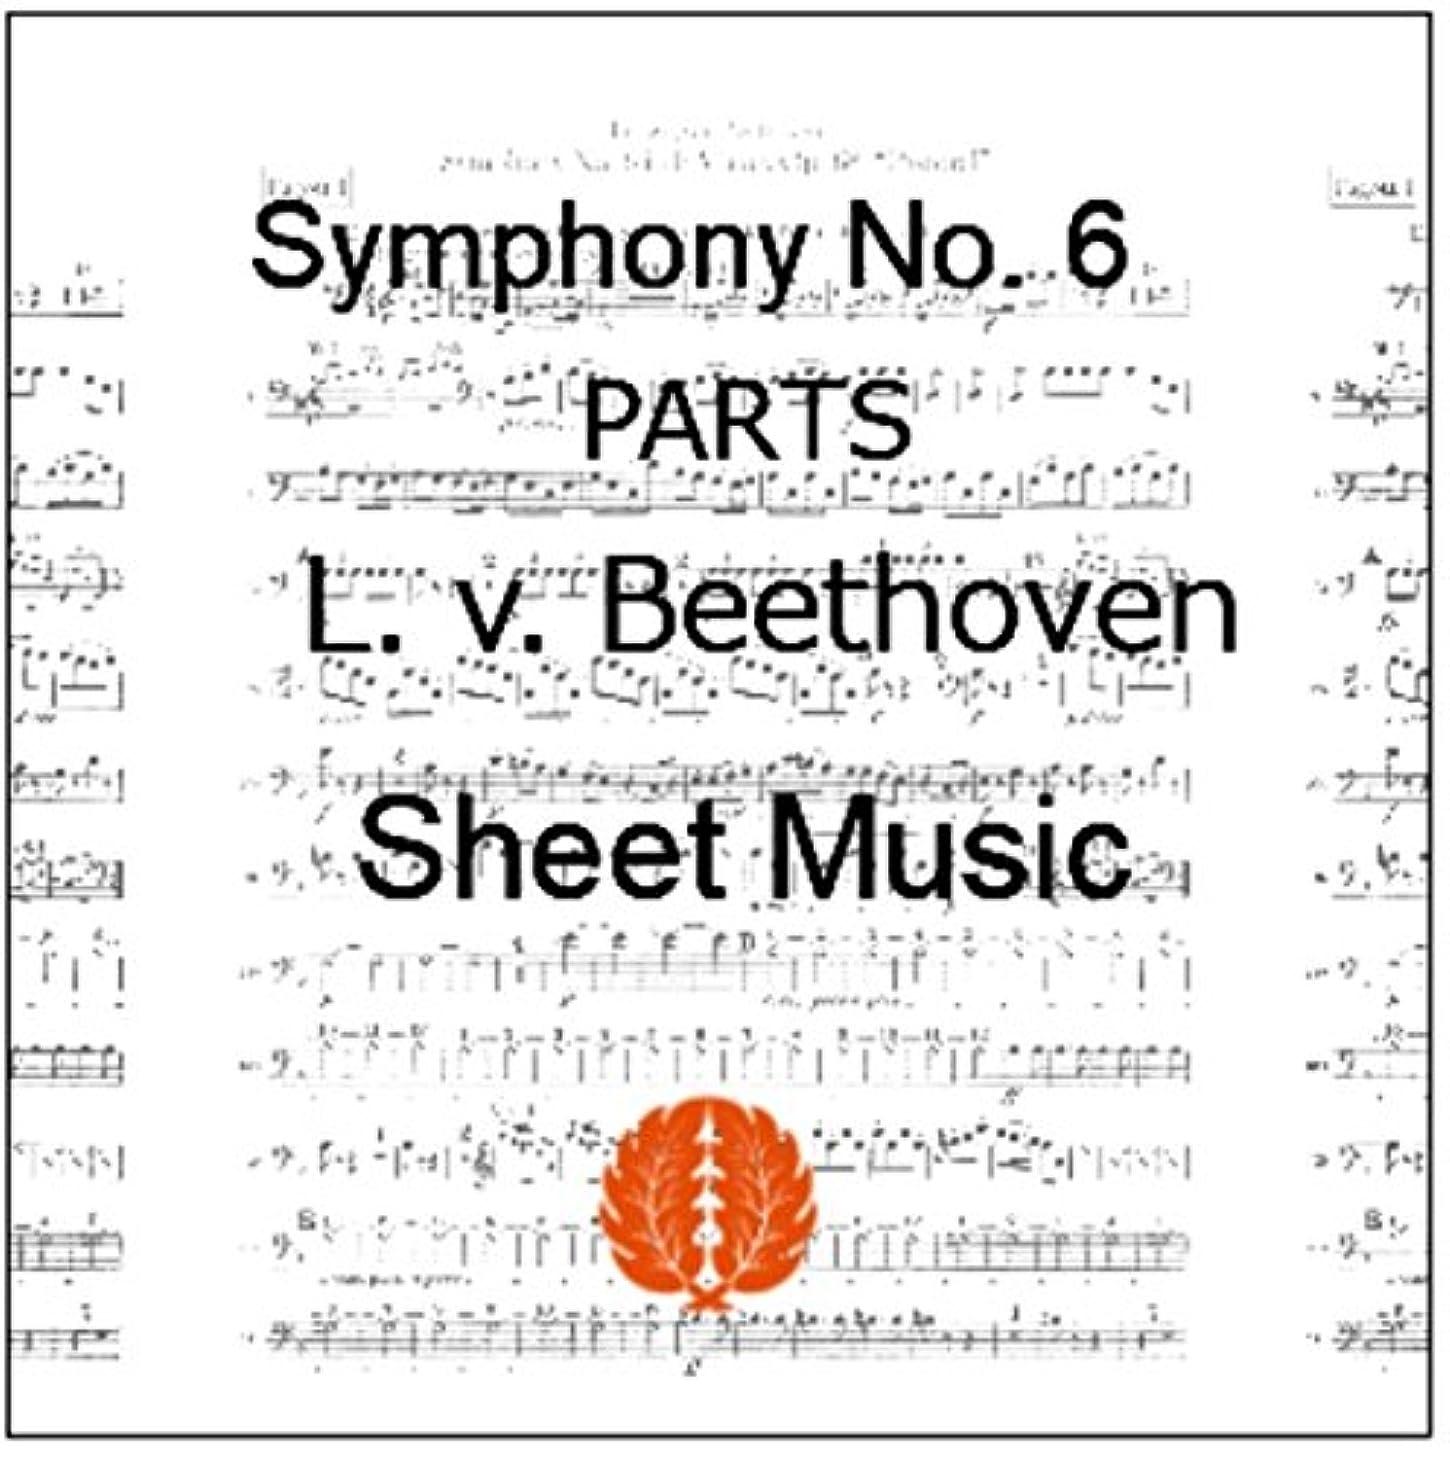 ルール滝ピアノ楽譜 pdf ベートーヴェン 交響曲第6番 田園 オーケストラ用全パート譜セット(全楽章)